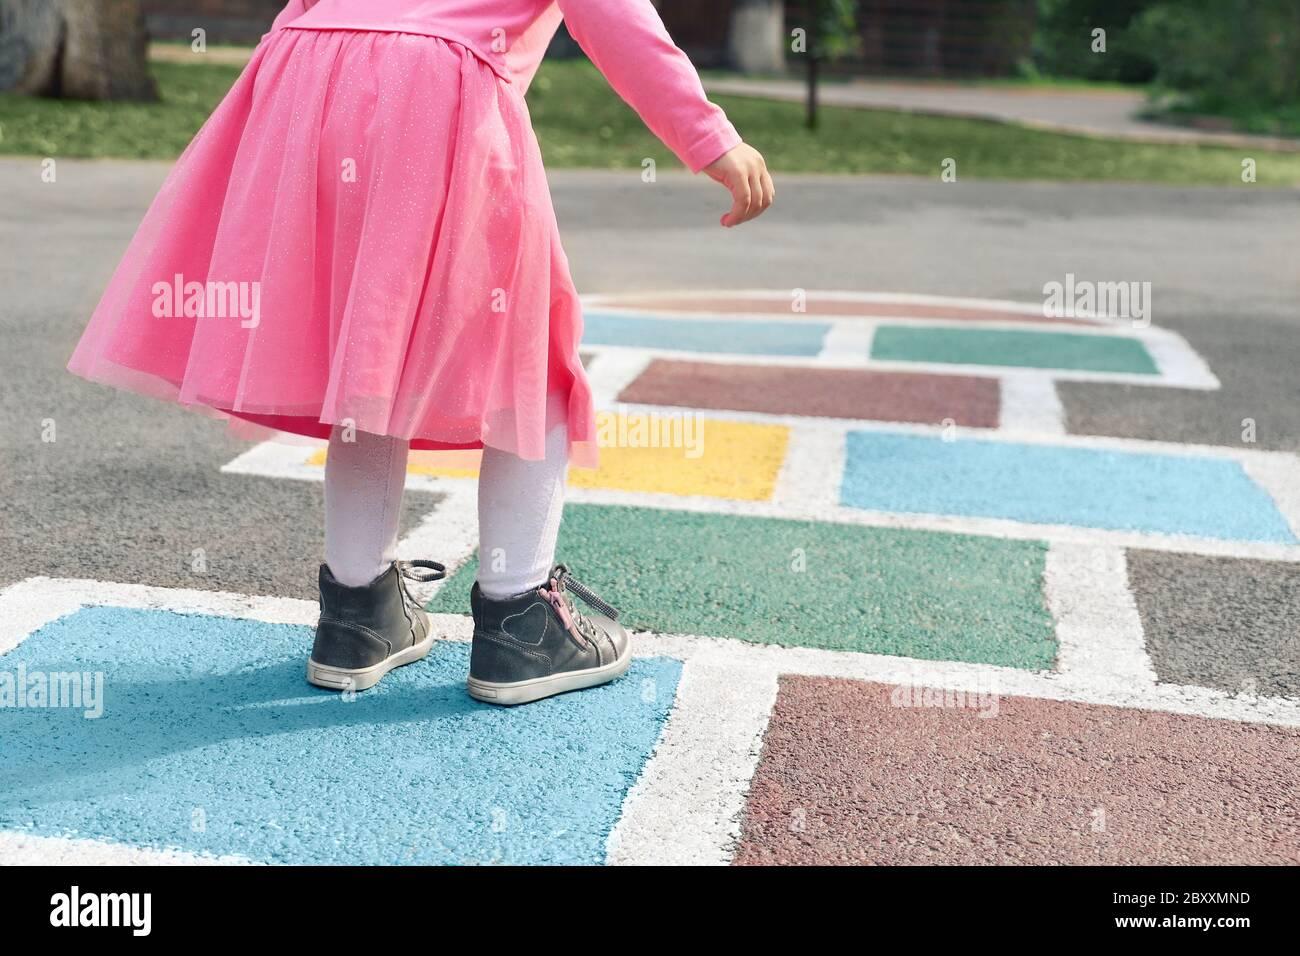 Petite fille dans une robe rose jouant au hopscotch sur le terrain de jeu à l'extérieur, activités de plein air pour enfants Banque D'Images